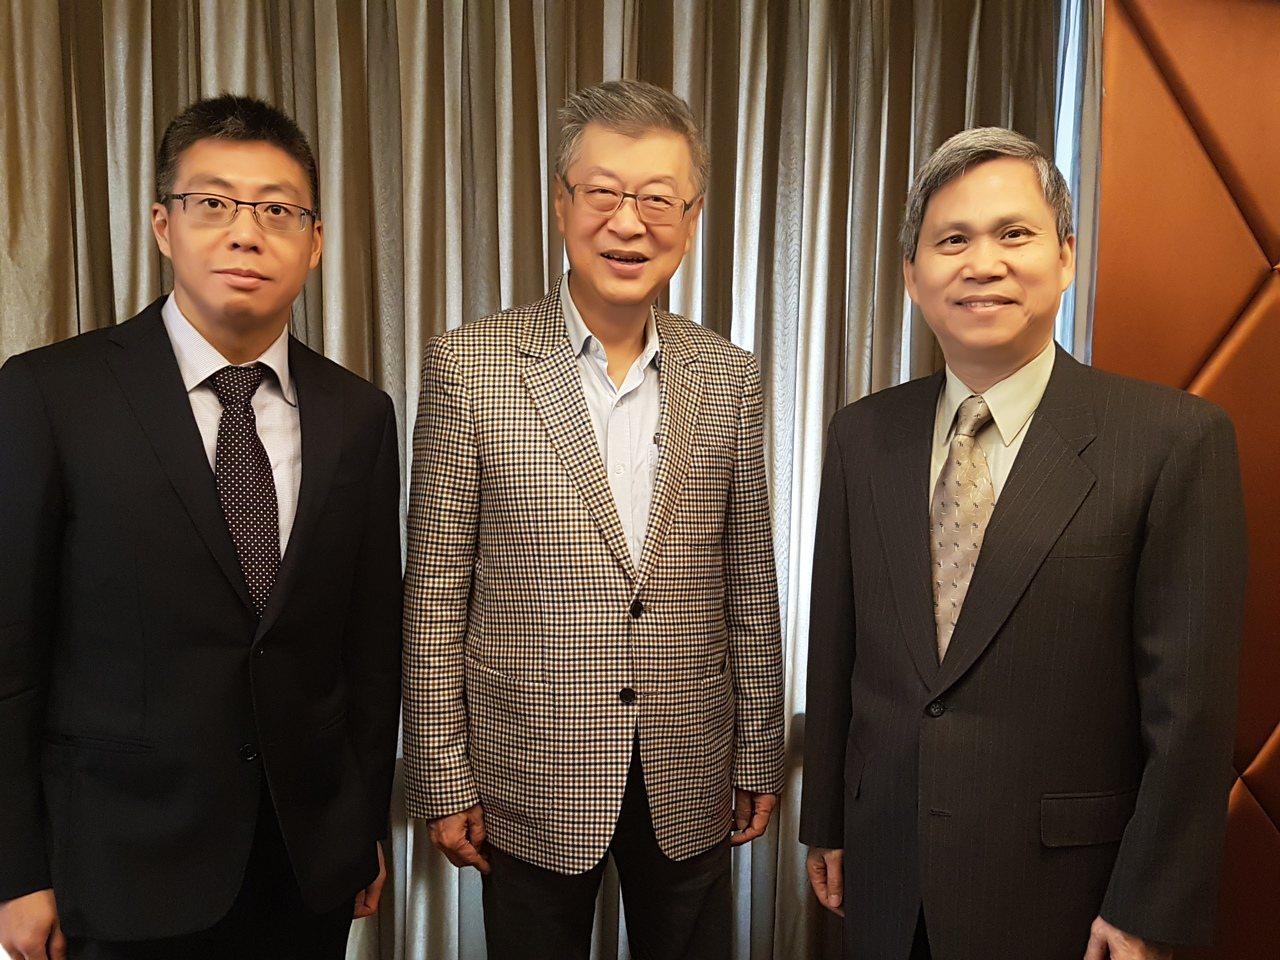 由行政院前院長陳冲(圖中)擔任董事長的「新世代金融基金會」,將舉辦新世代金融傳播...